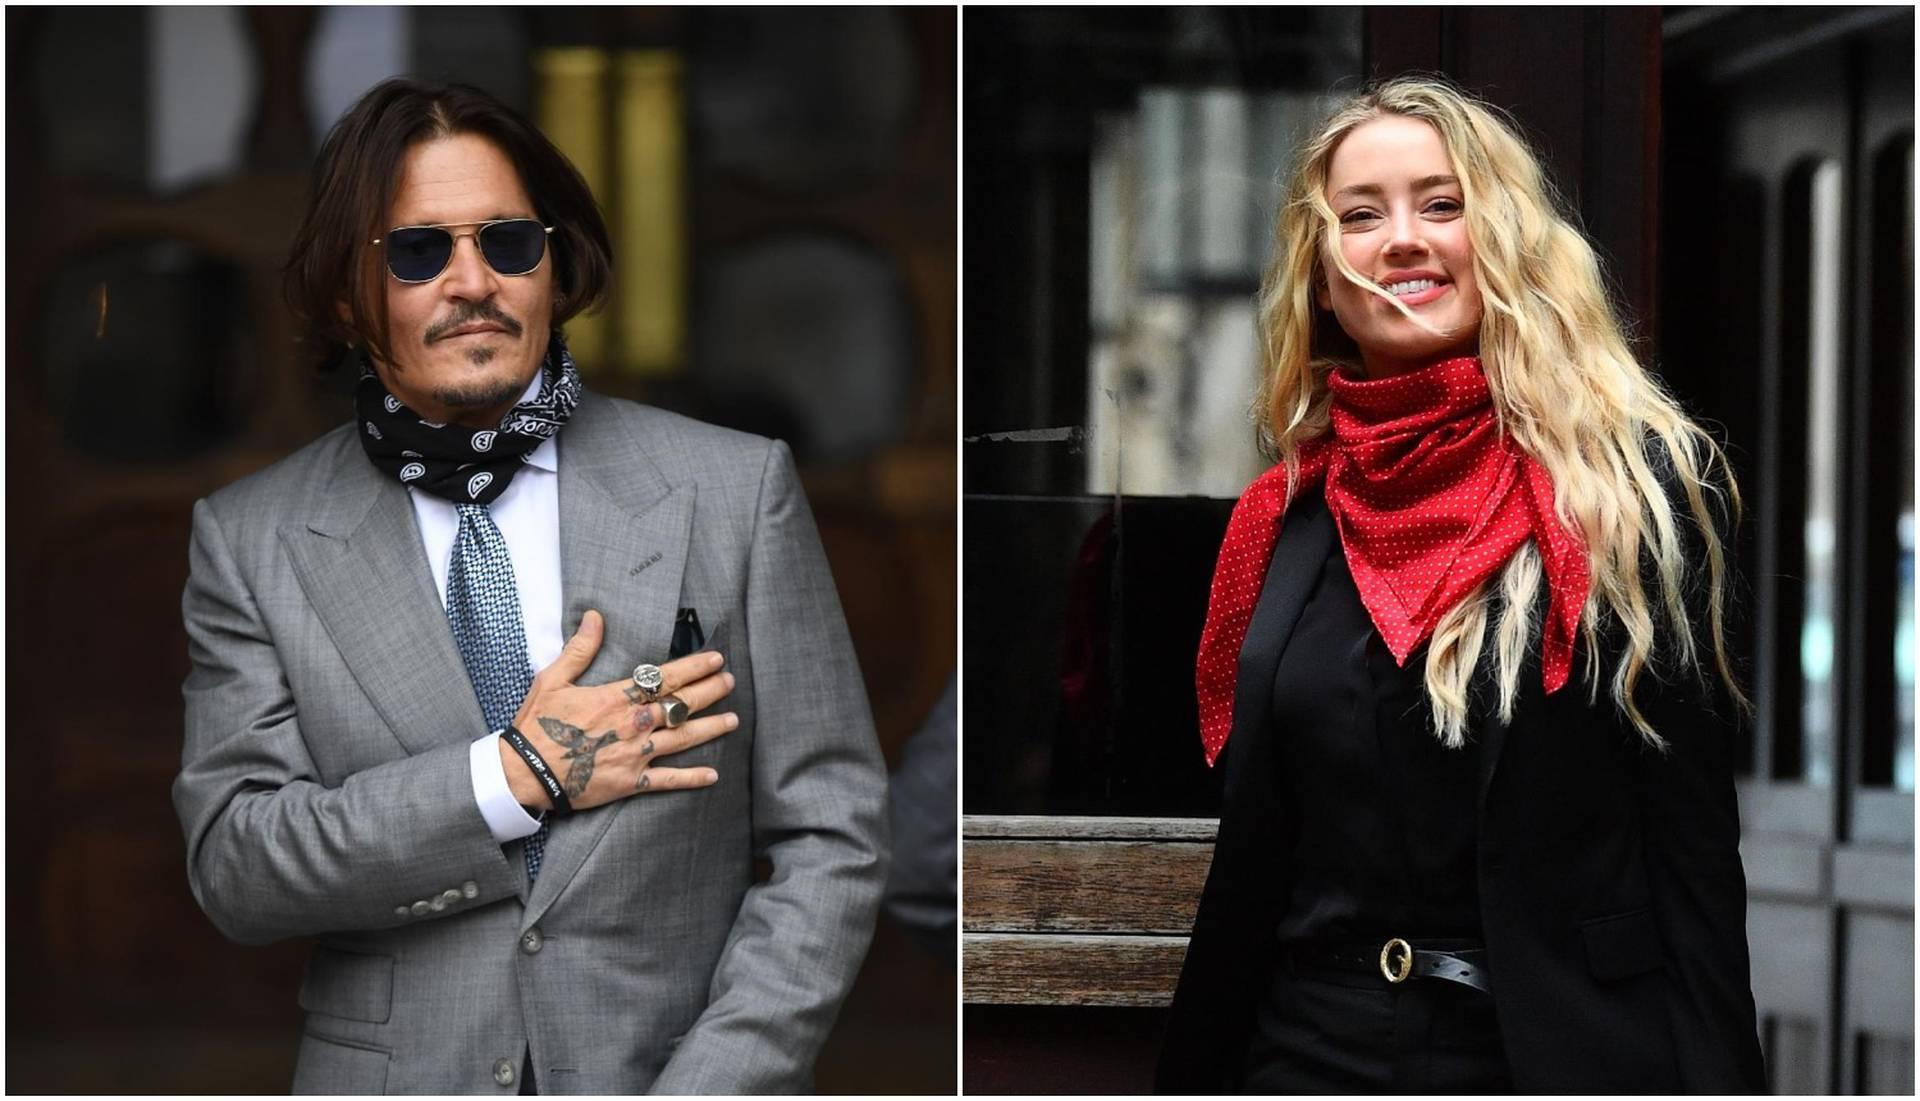 ŠOKANTNI DETALJI SA SUĐENJA U LONDONU: Bivši upravitelj Deppova imanja našao je odsječeni vršak prsta, to mu je uradila bivša supruga!